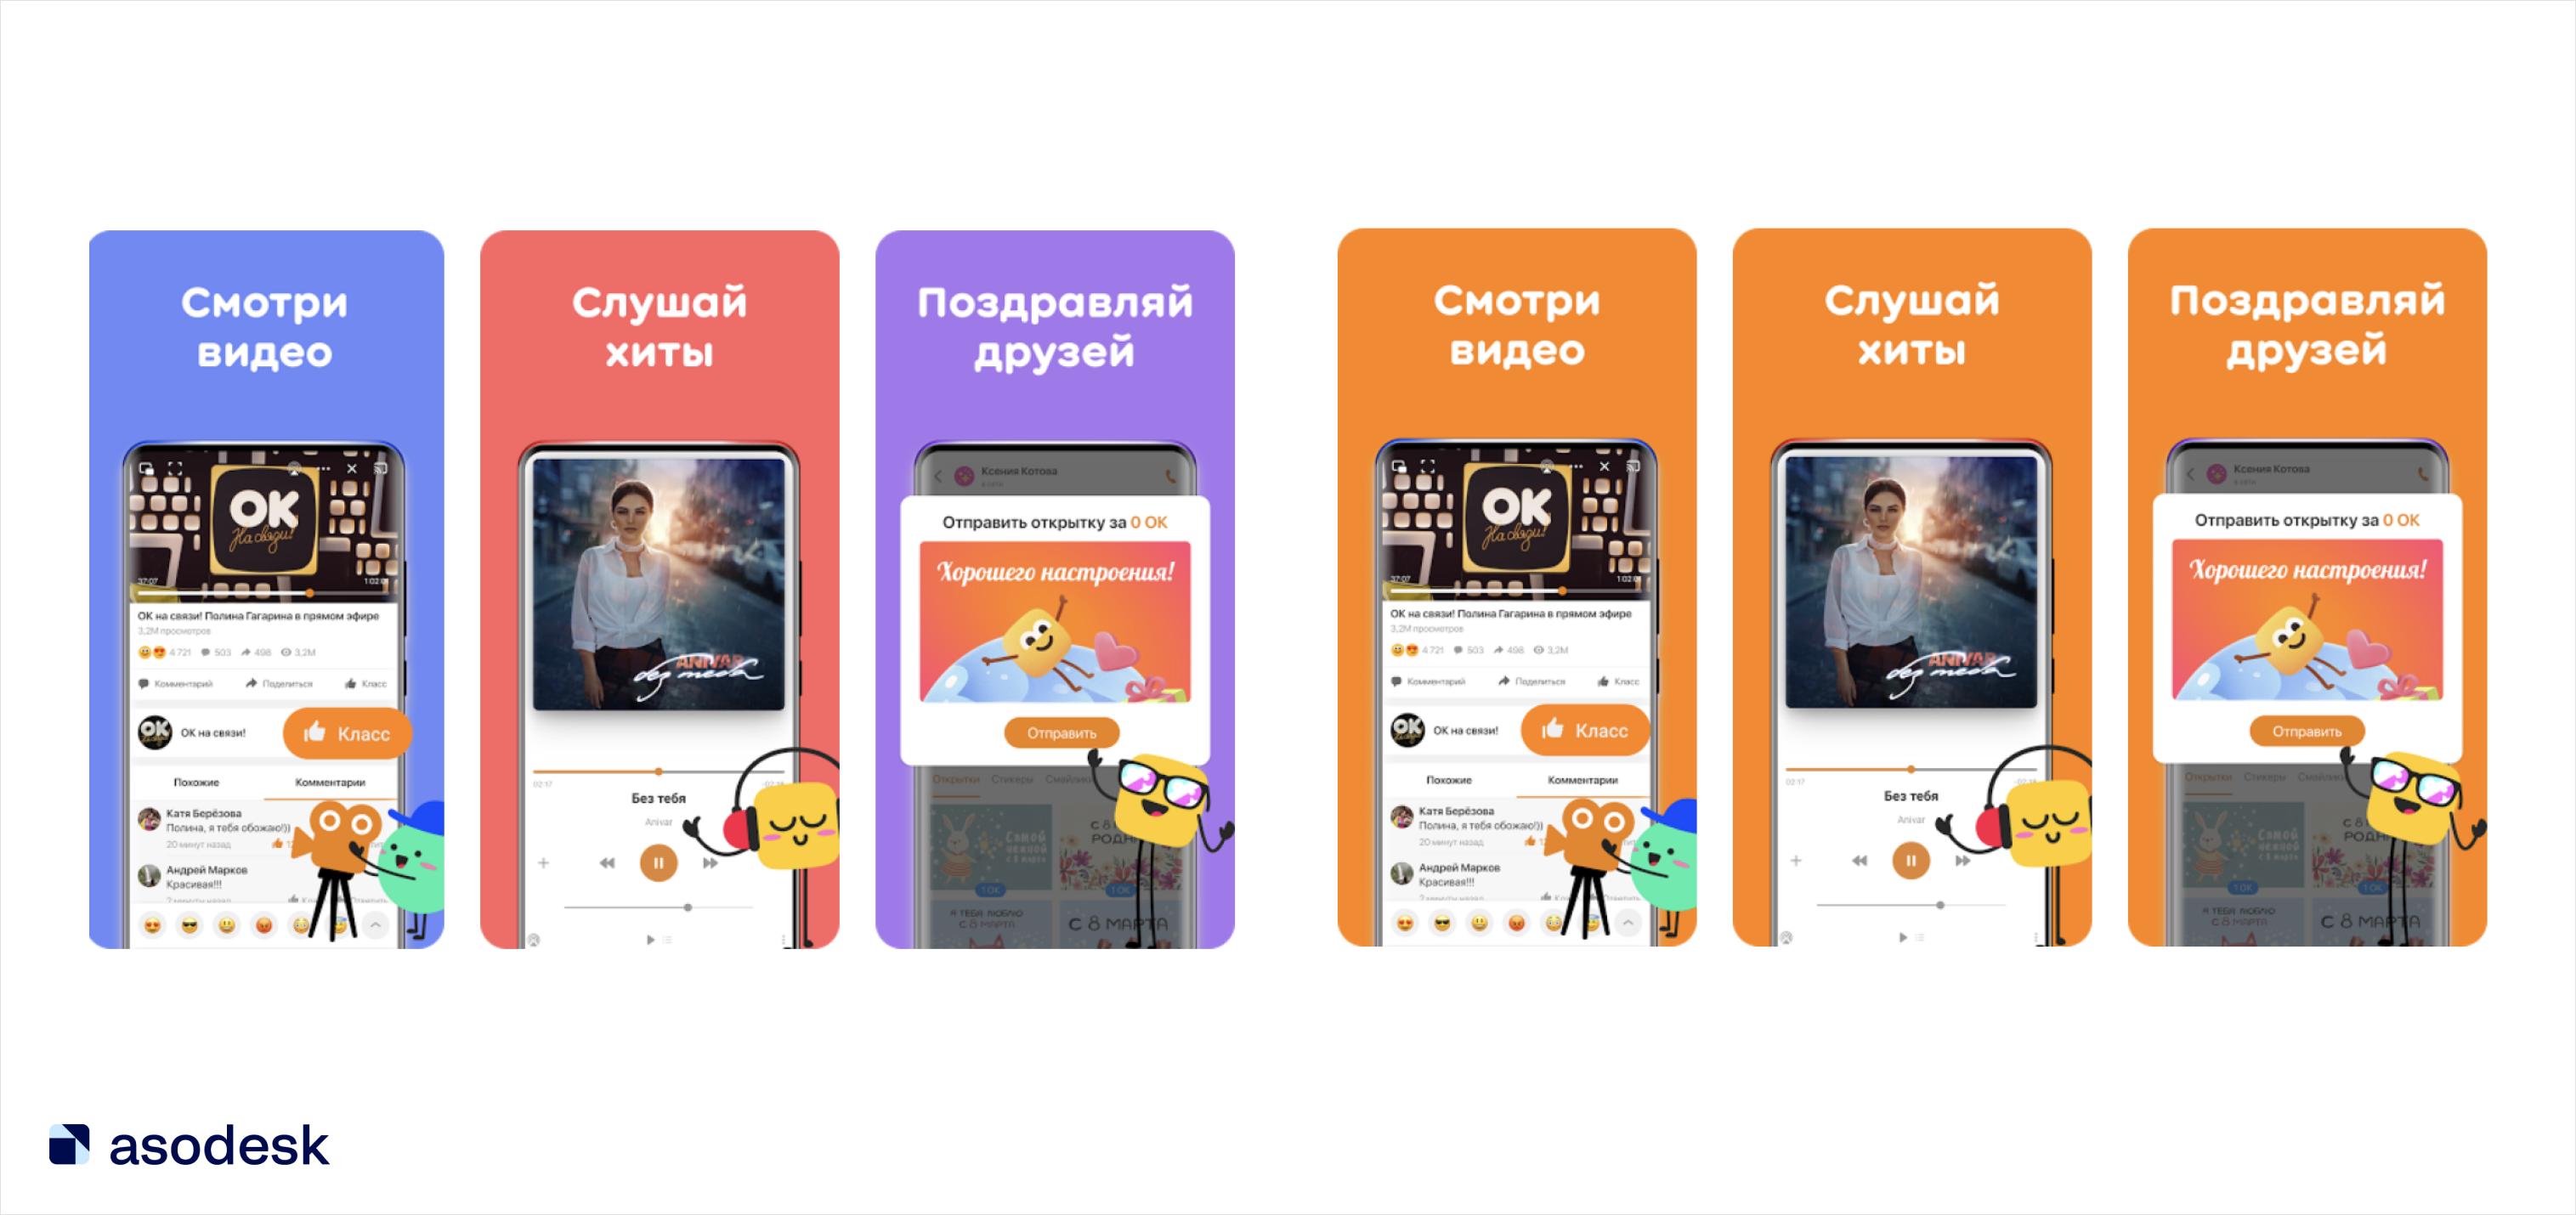 Изменение скриншотов для страницы приложения «Одноклассники»